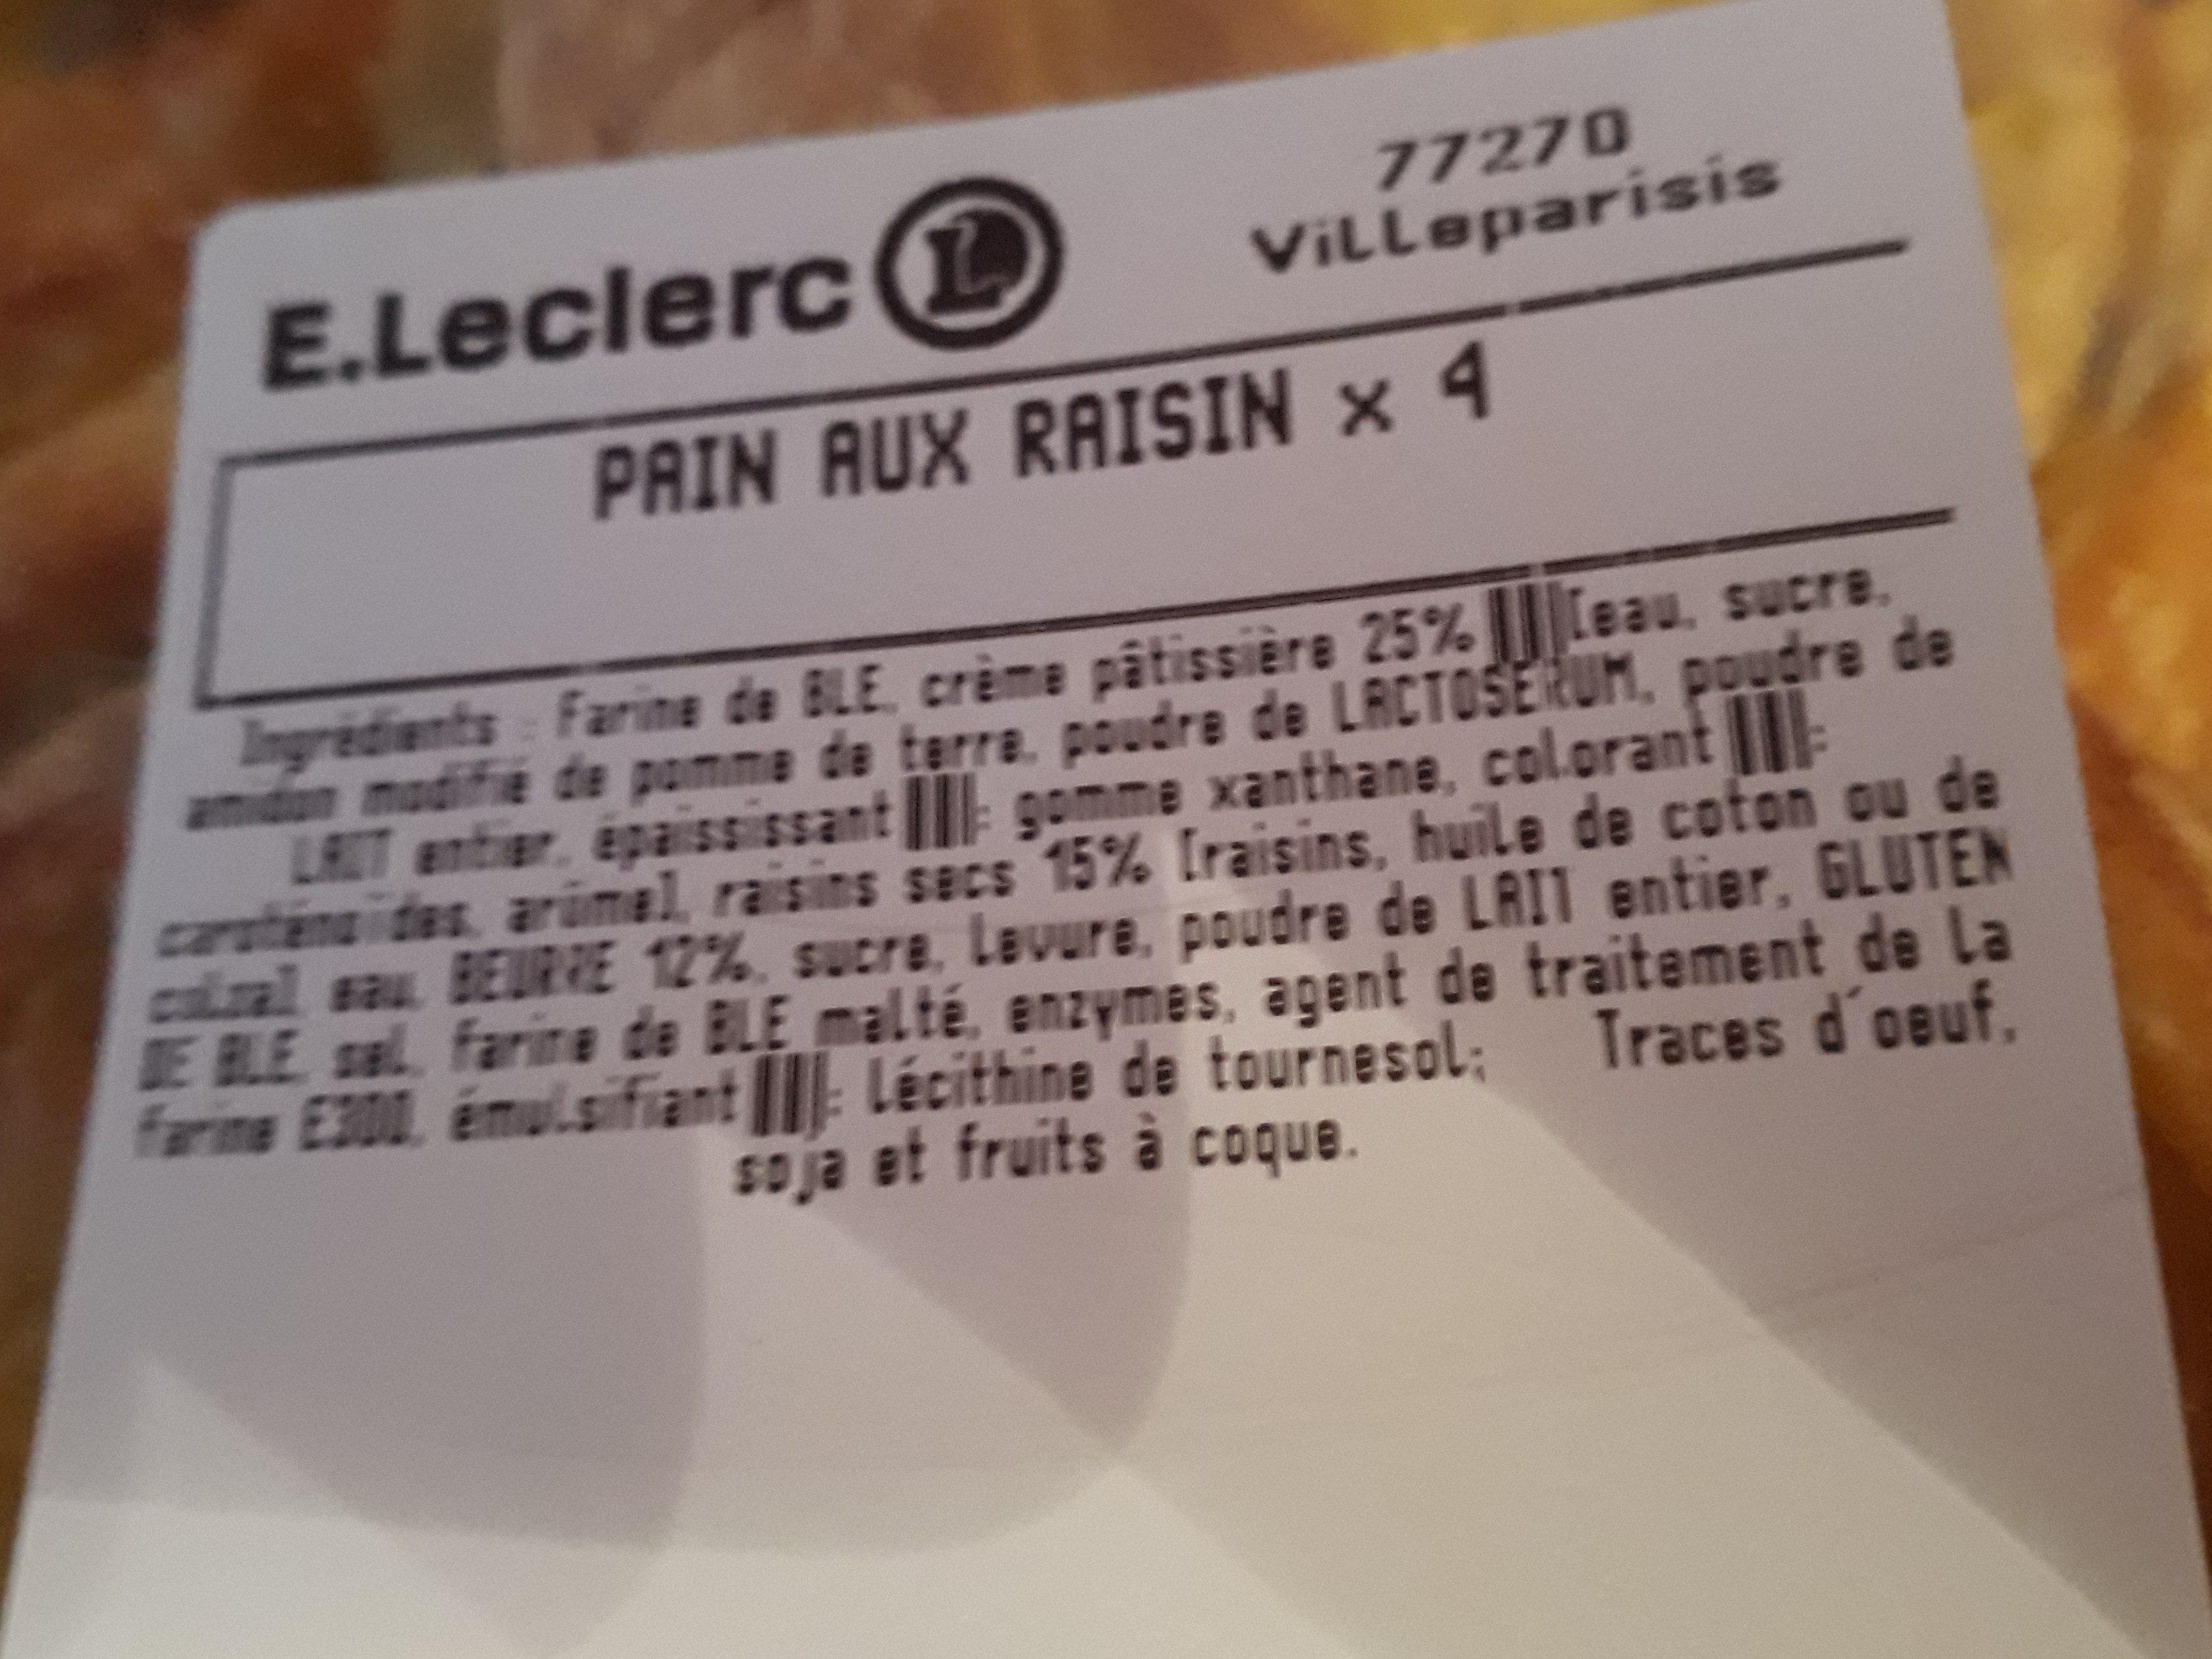 Pains aux raisins - Ingrédients - fr